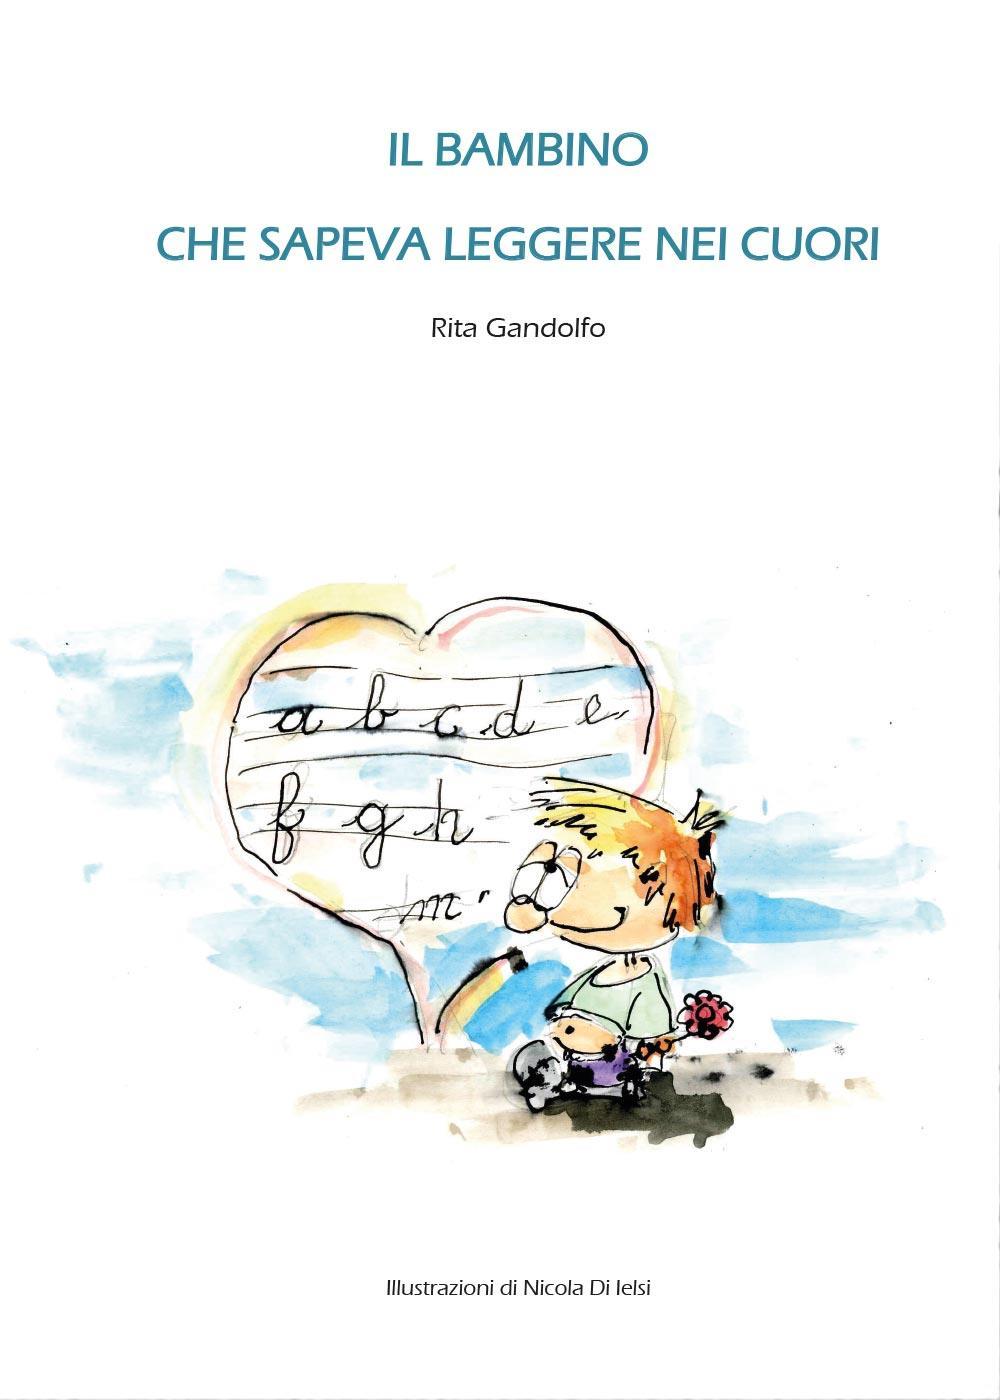 Il bambino che sapeva leggere nei cuori